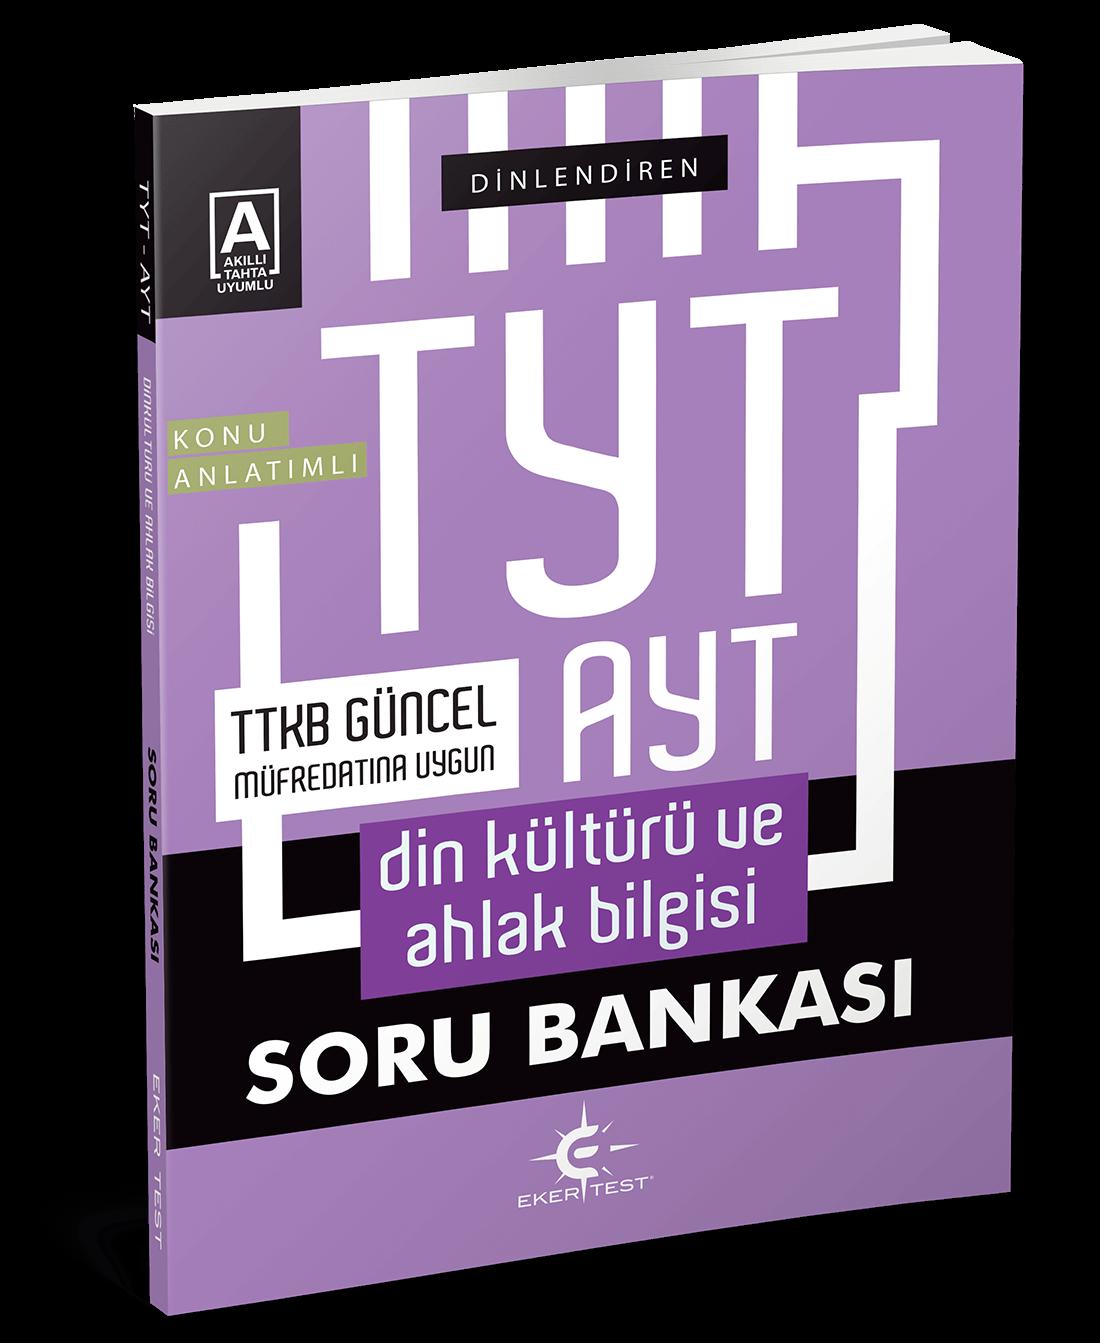 Eker Test – TYT – AYT Din Kültürü ve Ahlak Bilgisi Konu Anlatımlı Soru Bankası